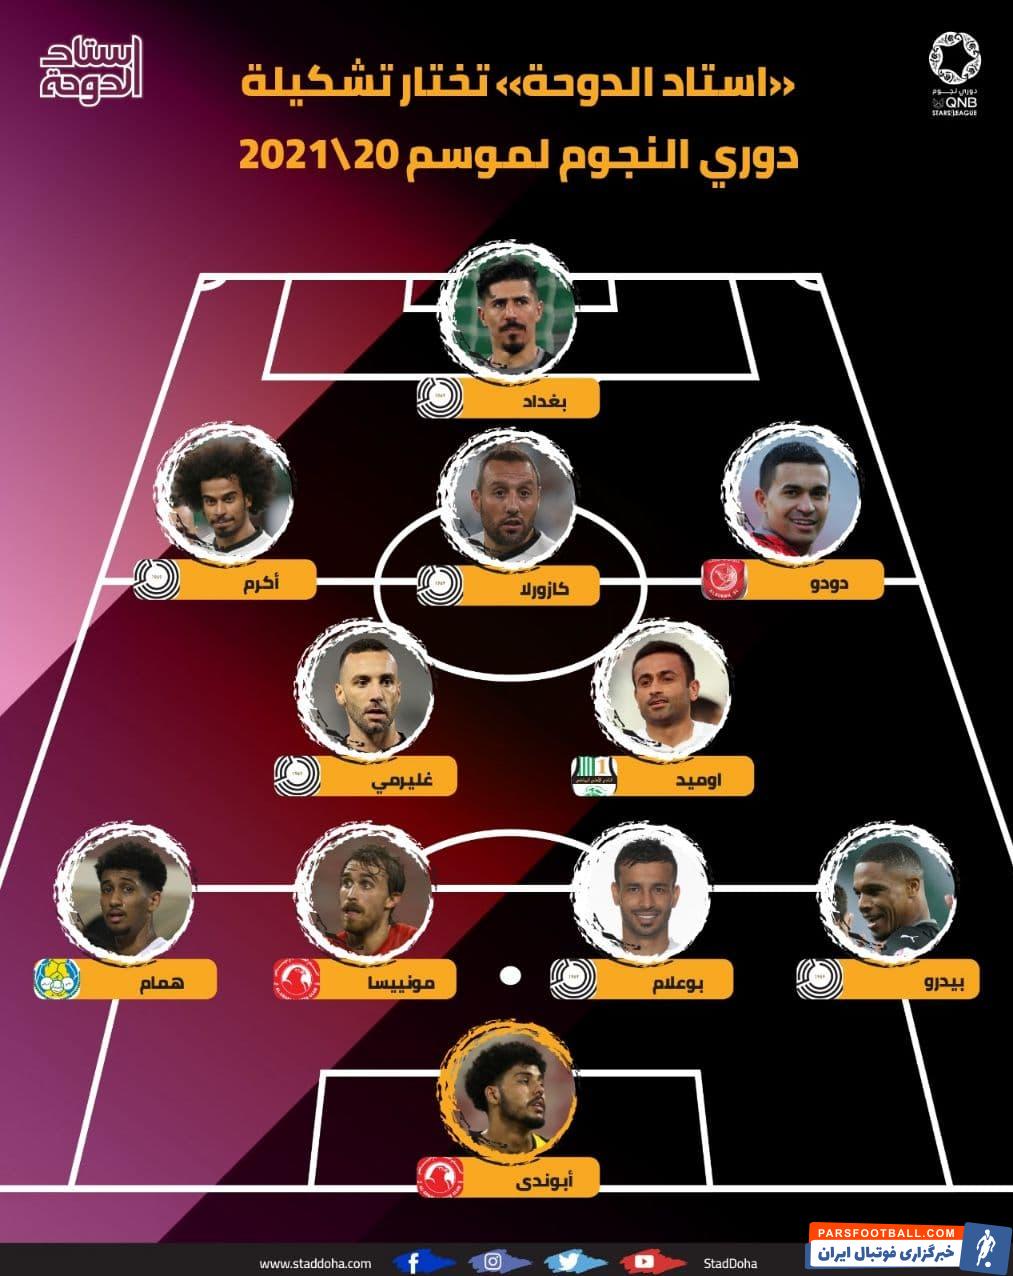 امید ابراهیمی در تیم منتخب لیگ ستارگان قطر